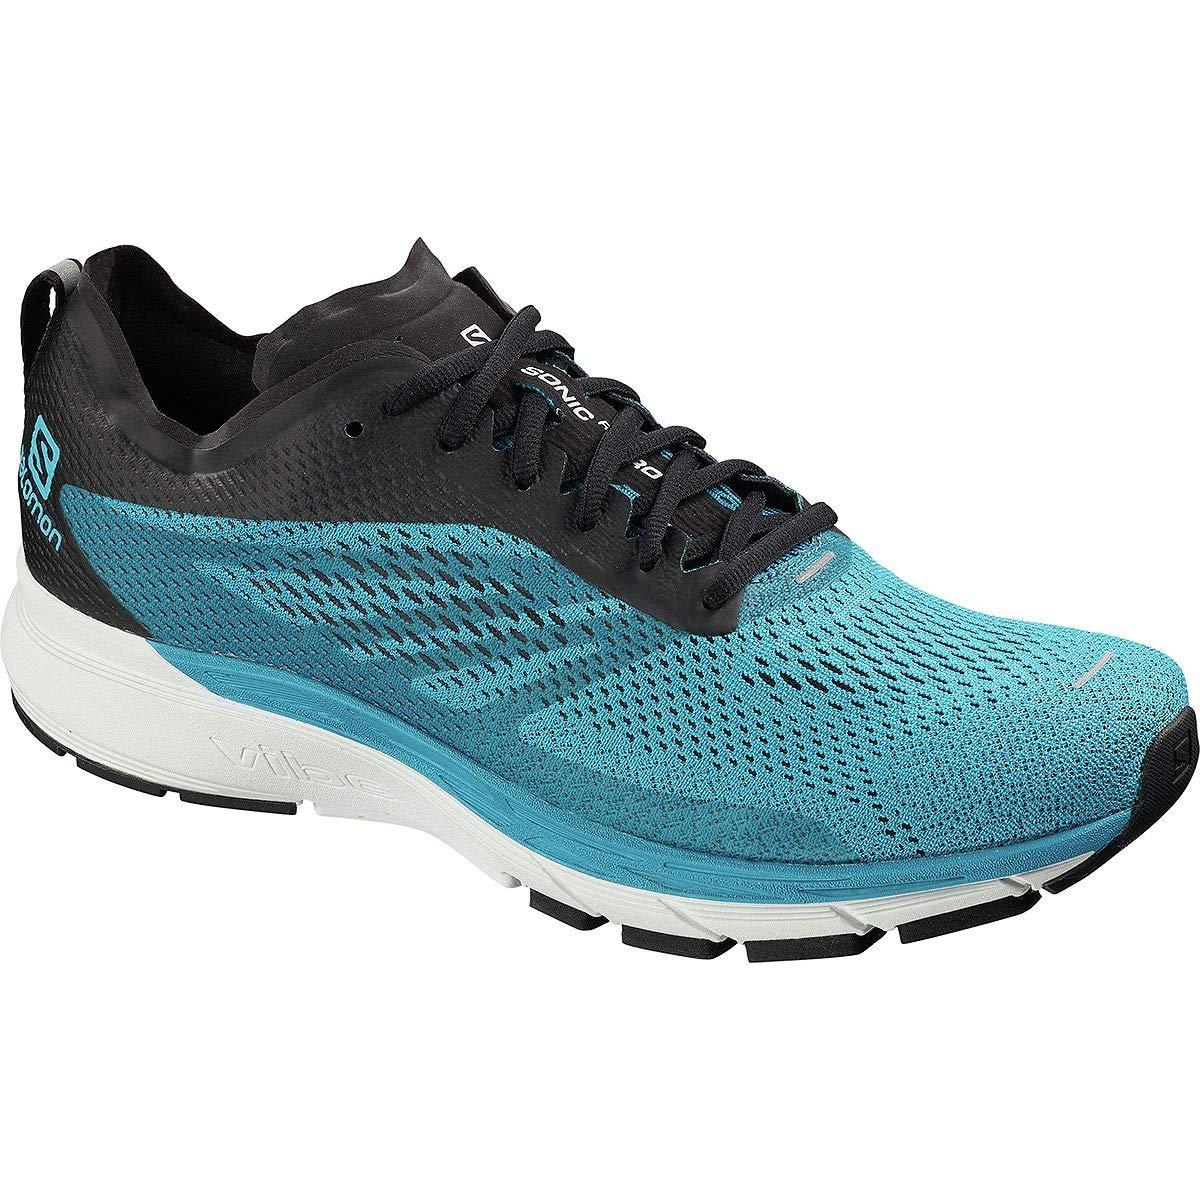 【お年玉セール特価】 [サロモン] B07NZLR7Z9 メンズ ランニング ランニング Sonic RA Pro 2 Running Shoe Running [並行輸入品] B07NZLR7Z9 US-8.0/UK-7.5, JKazu:dc9f43cc --- refer.officeporto.com